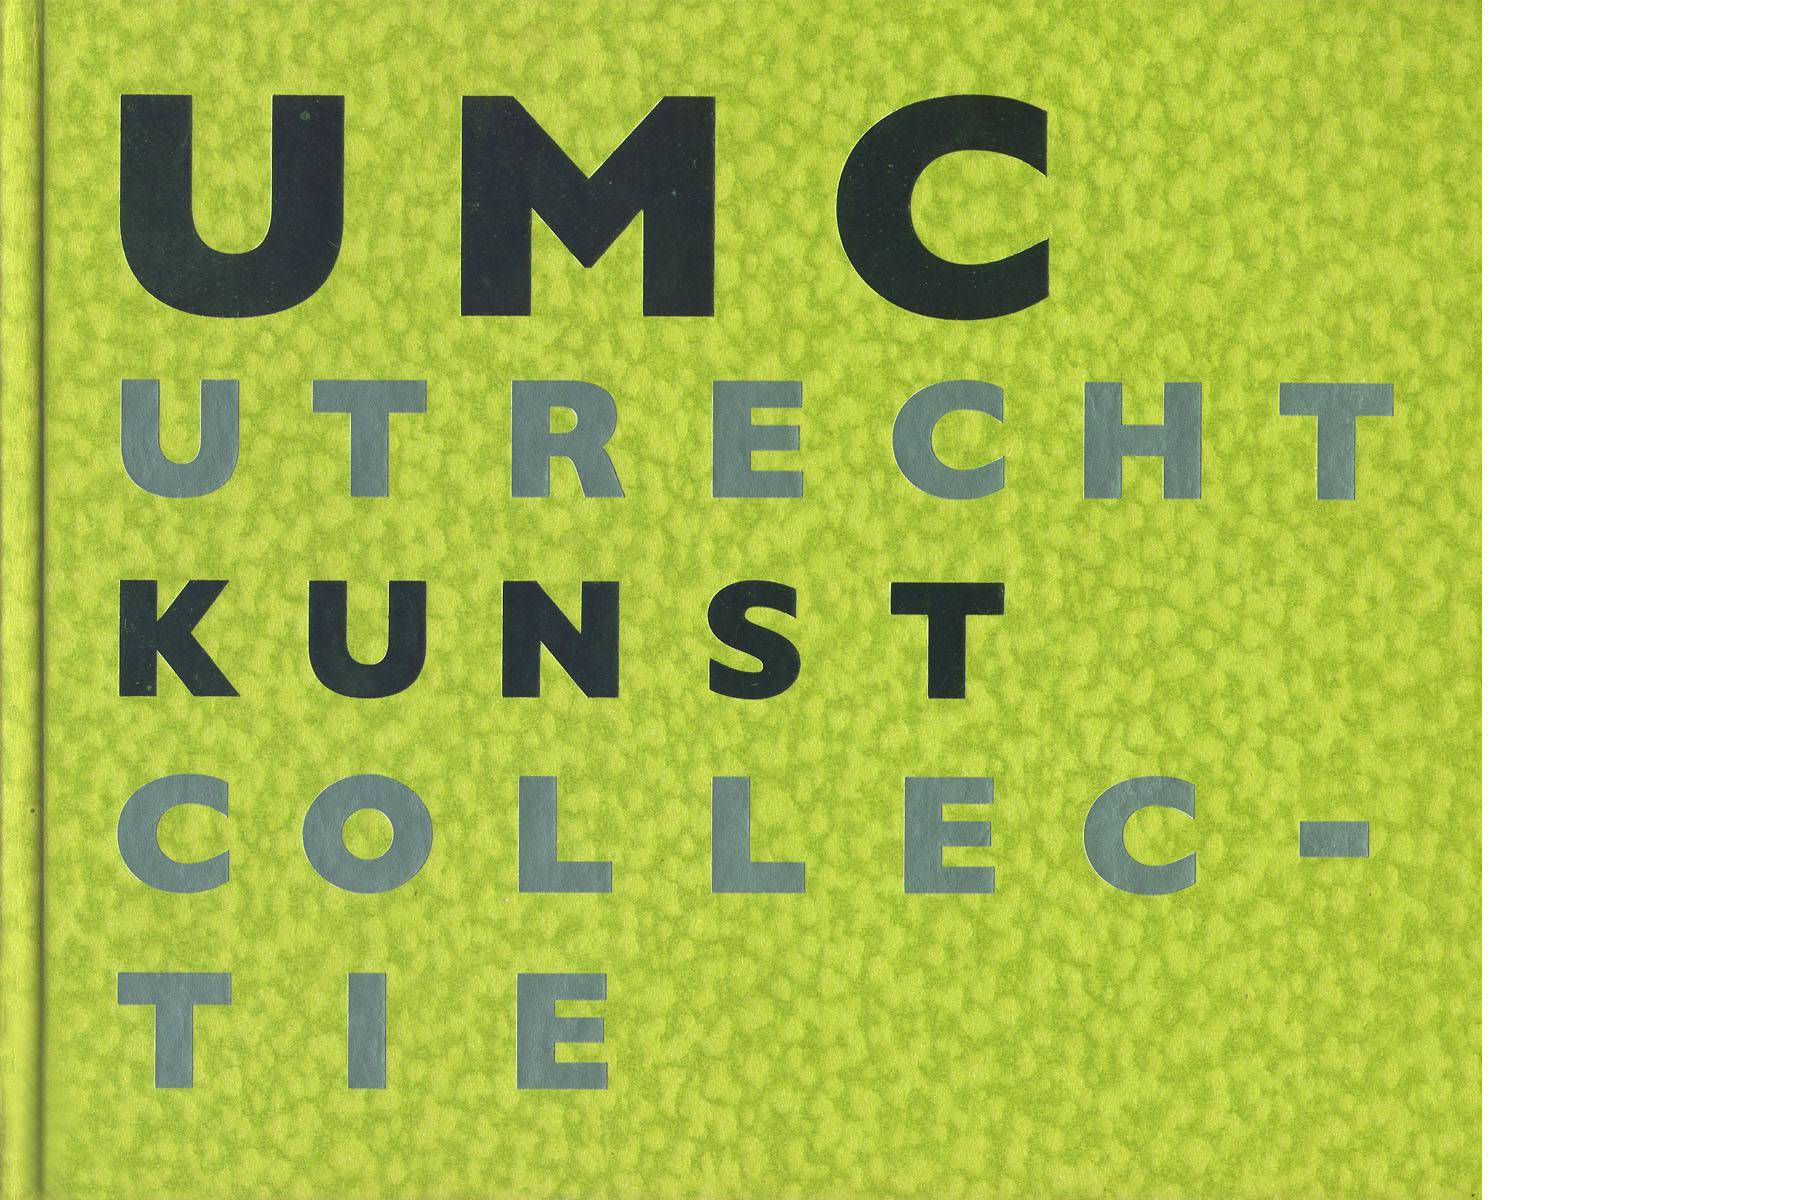 UMC - Herman Kuijer